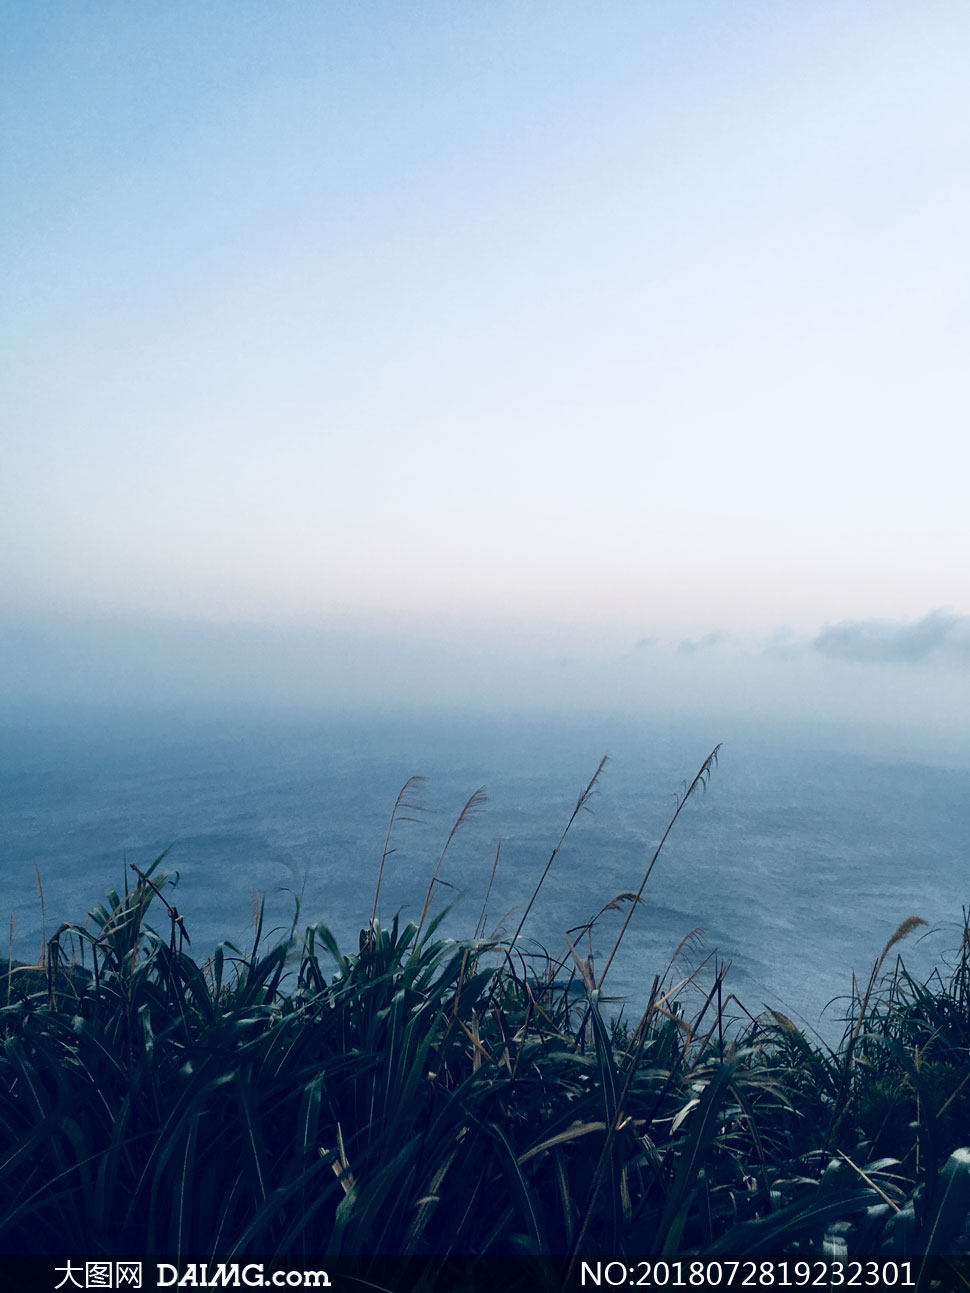 辽阔大海清晨时分风光摄影高清图片